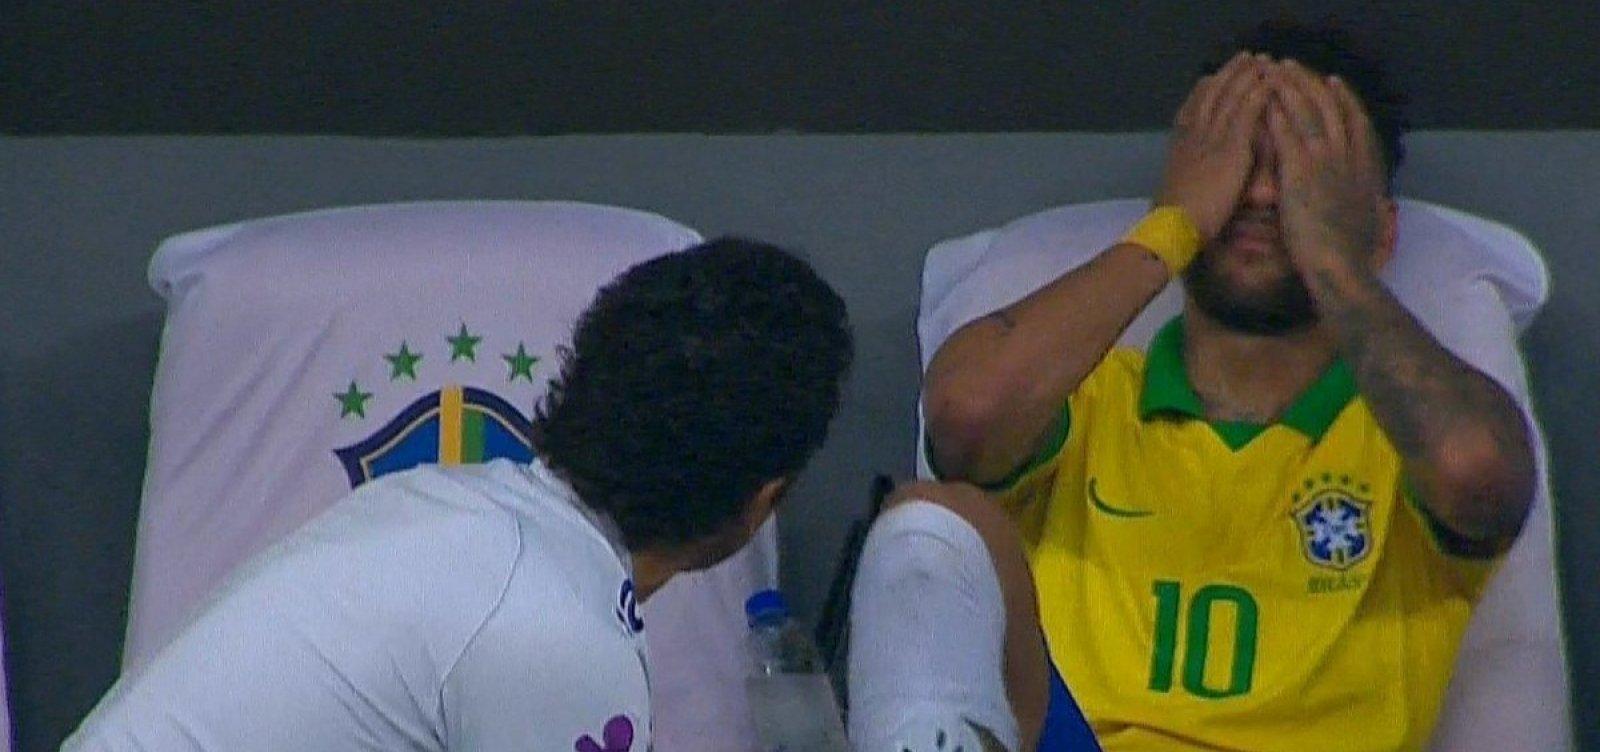 [Brasil vence o Catar por 2 a 0 em amistoso; Neymar sai machucado]